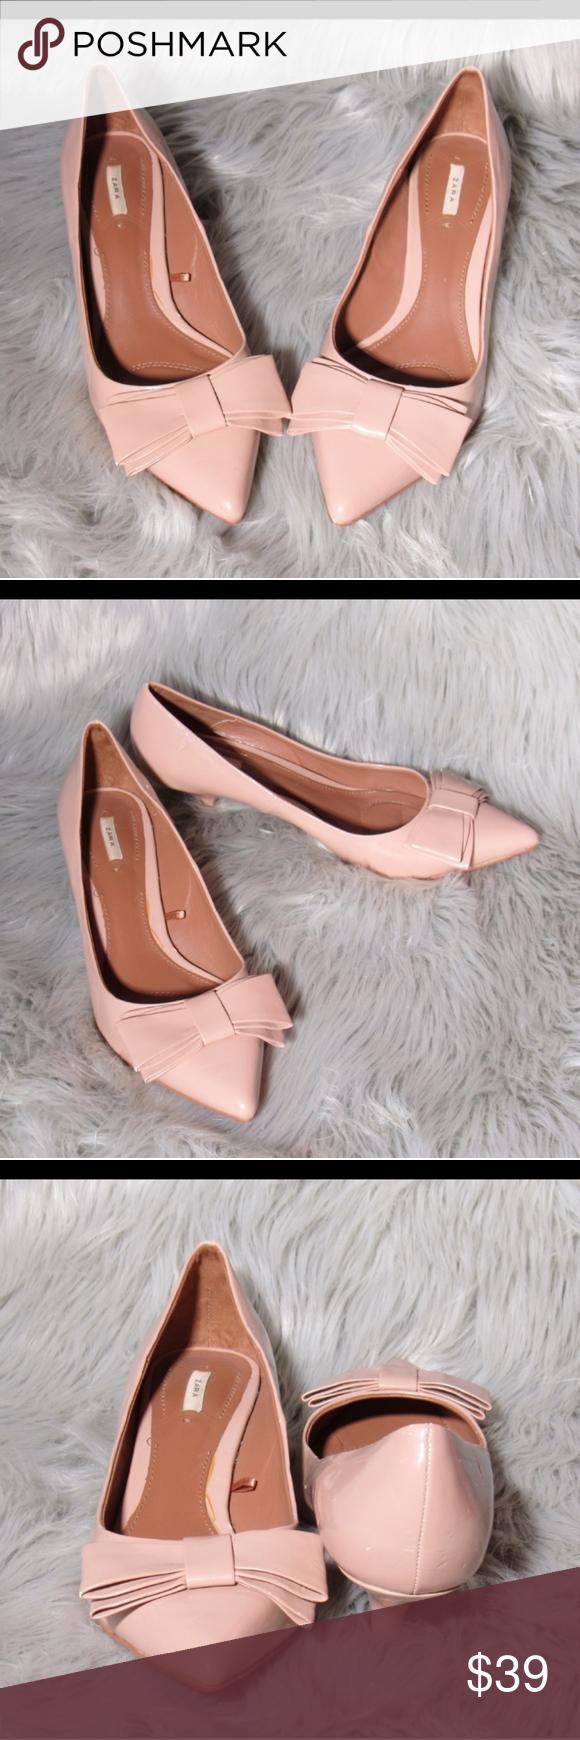 Zara Pale Pink Kitten Heel Shoes Size 8 Kitten Heels Kitten Heel Shoes Pink Kitten Heels